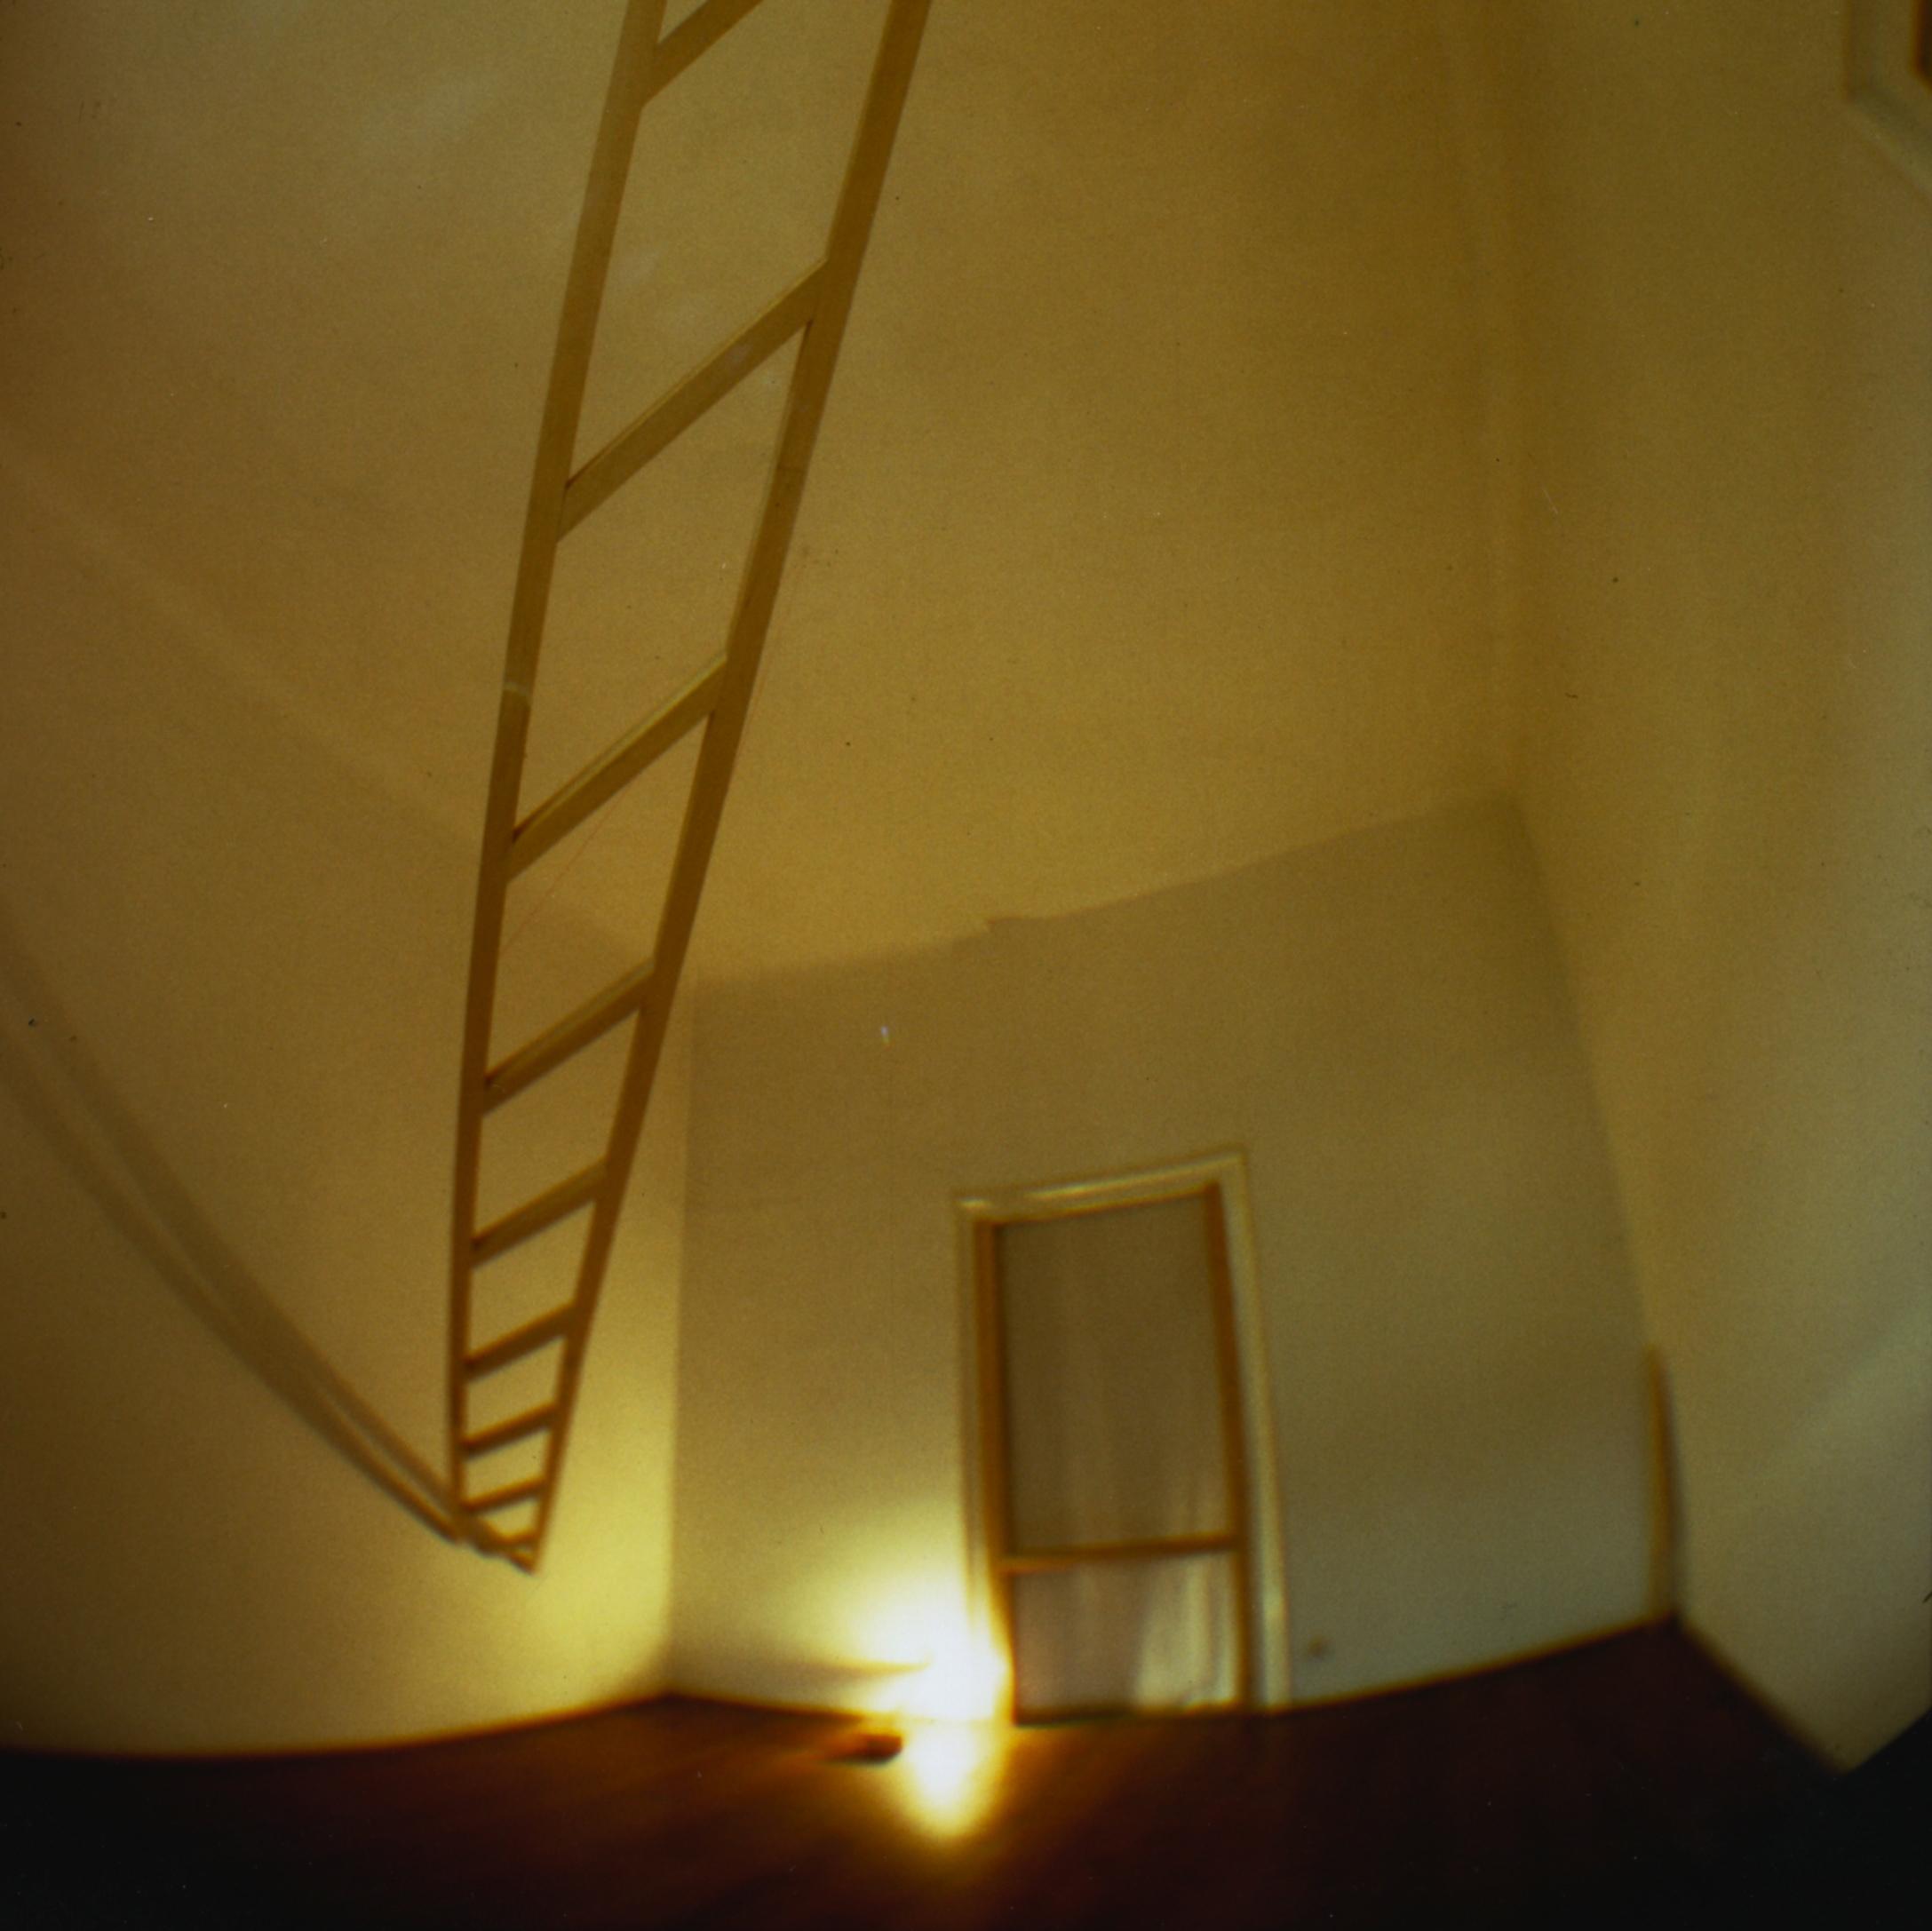 Marco Bagnoli – La Voce. Nel giallo faremo una scala o due al bianco invisibile